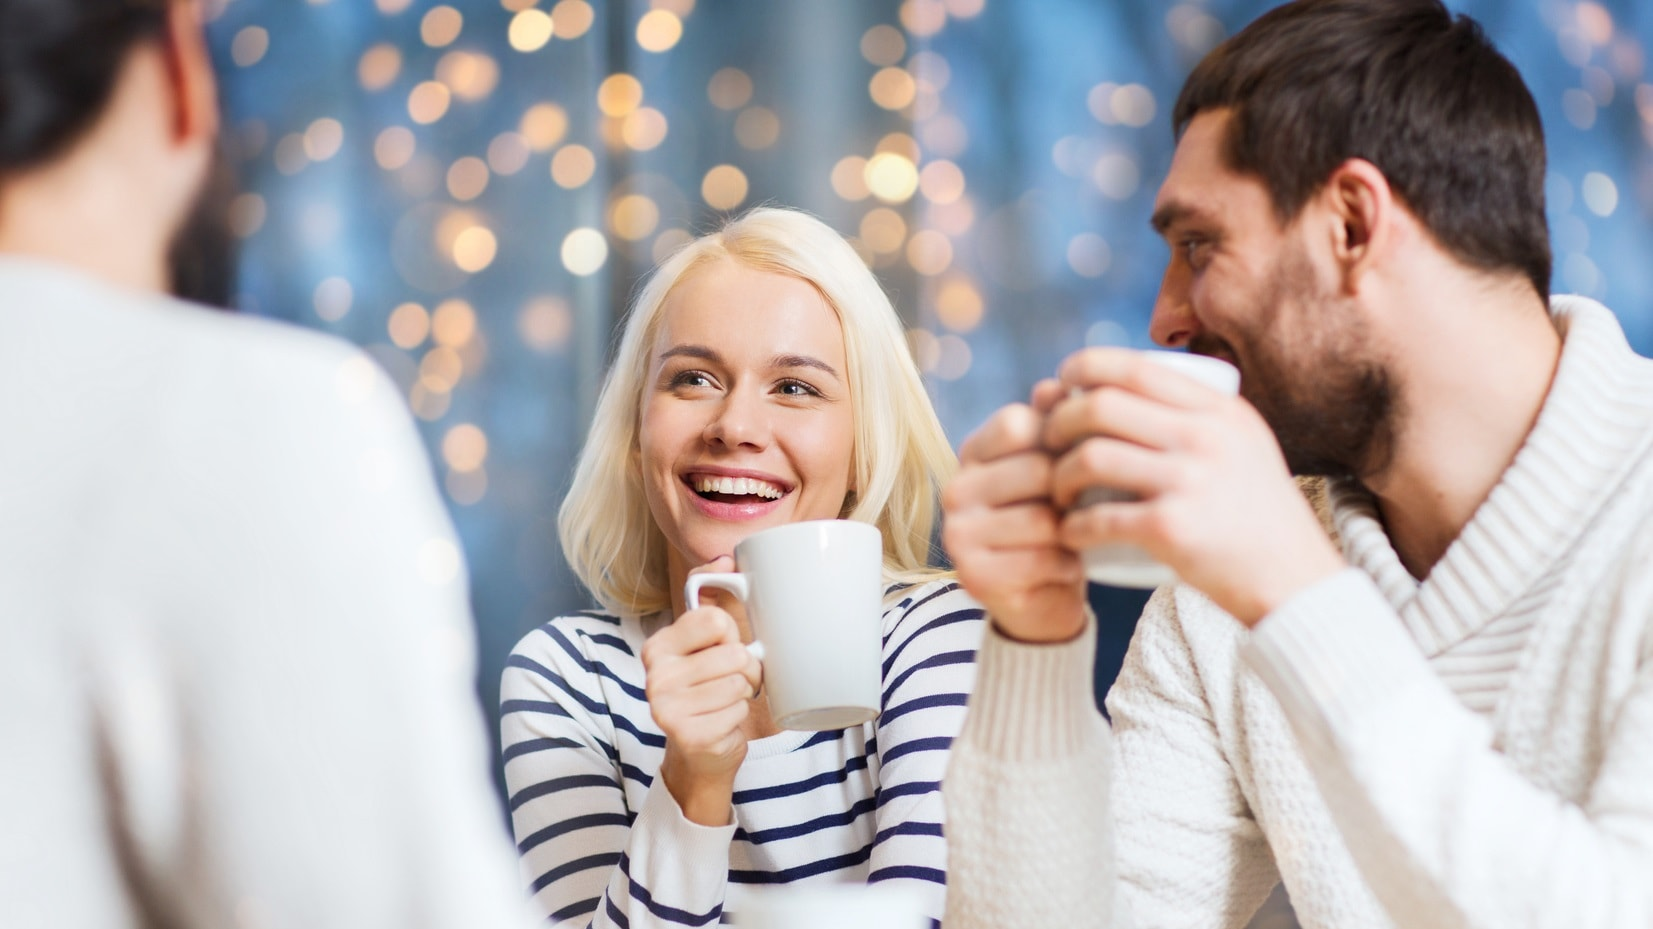 Noworoczna kawa z przyjaciółmi